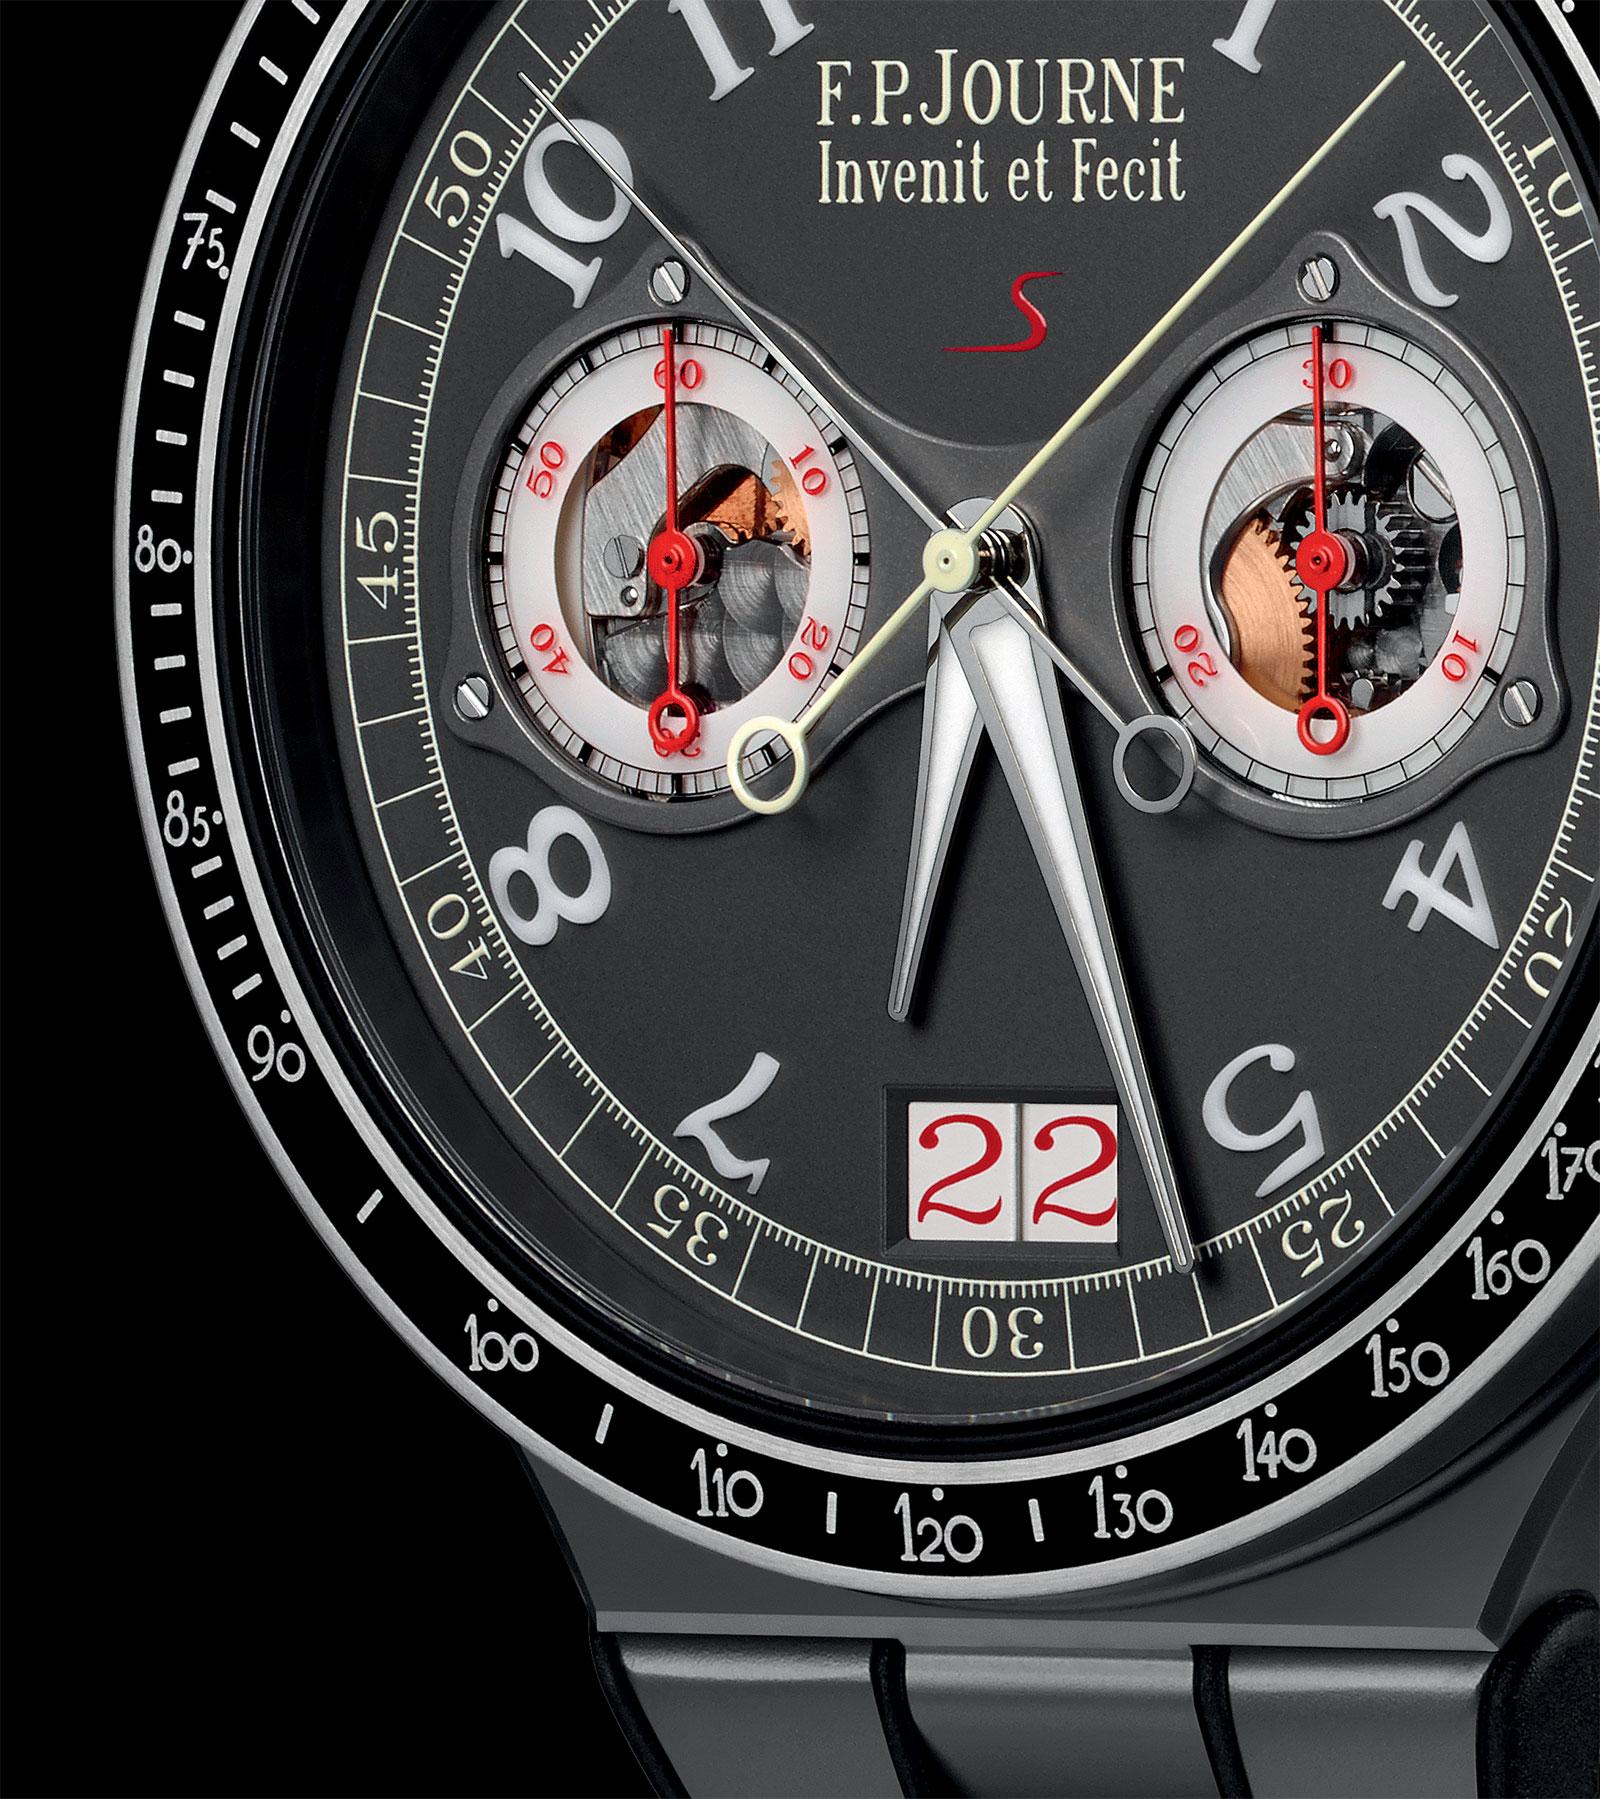 FP Journe Chronograph Monopoussoir Rattrapante titanium dial